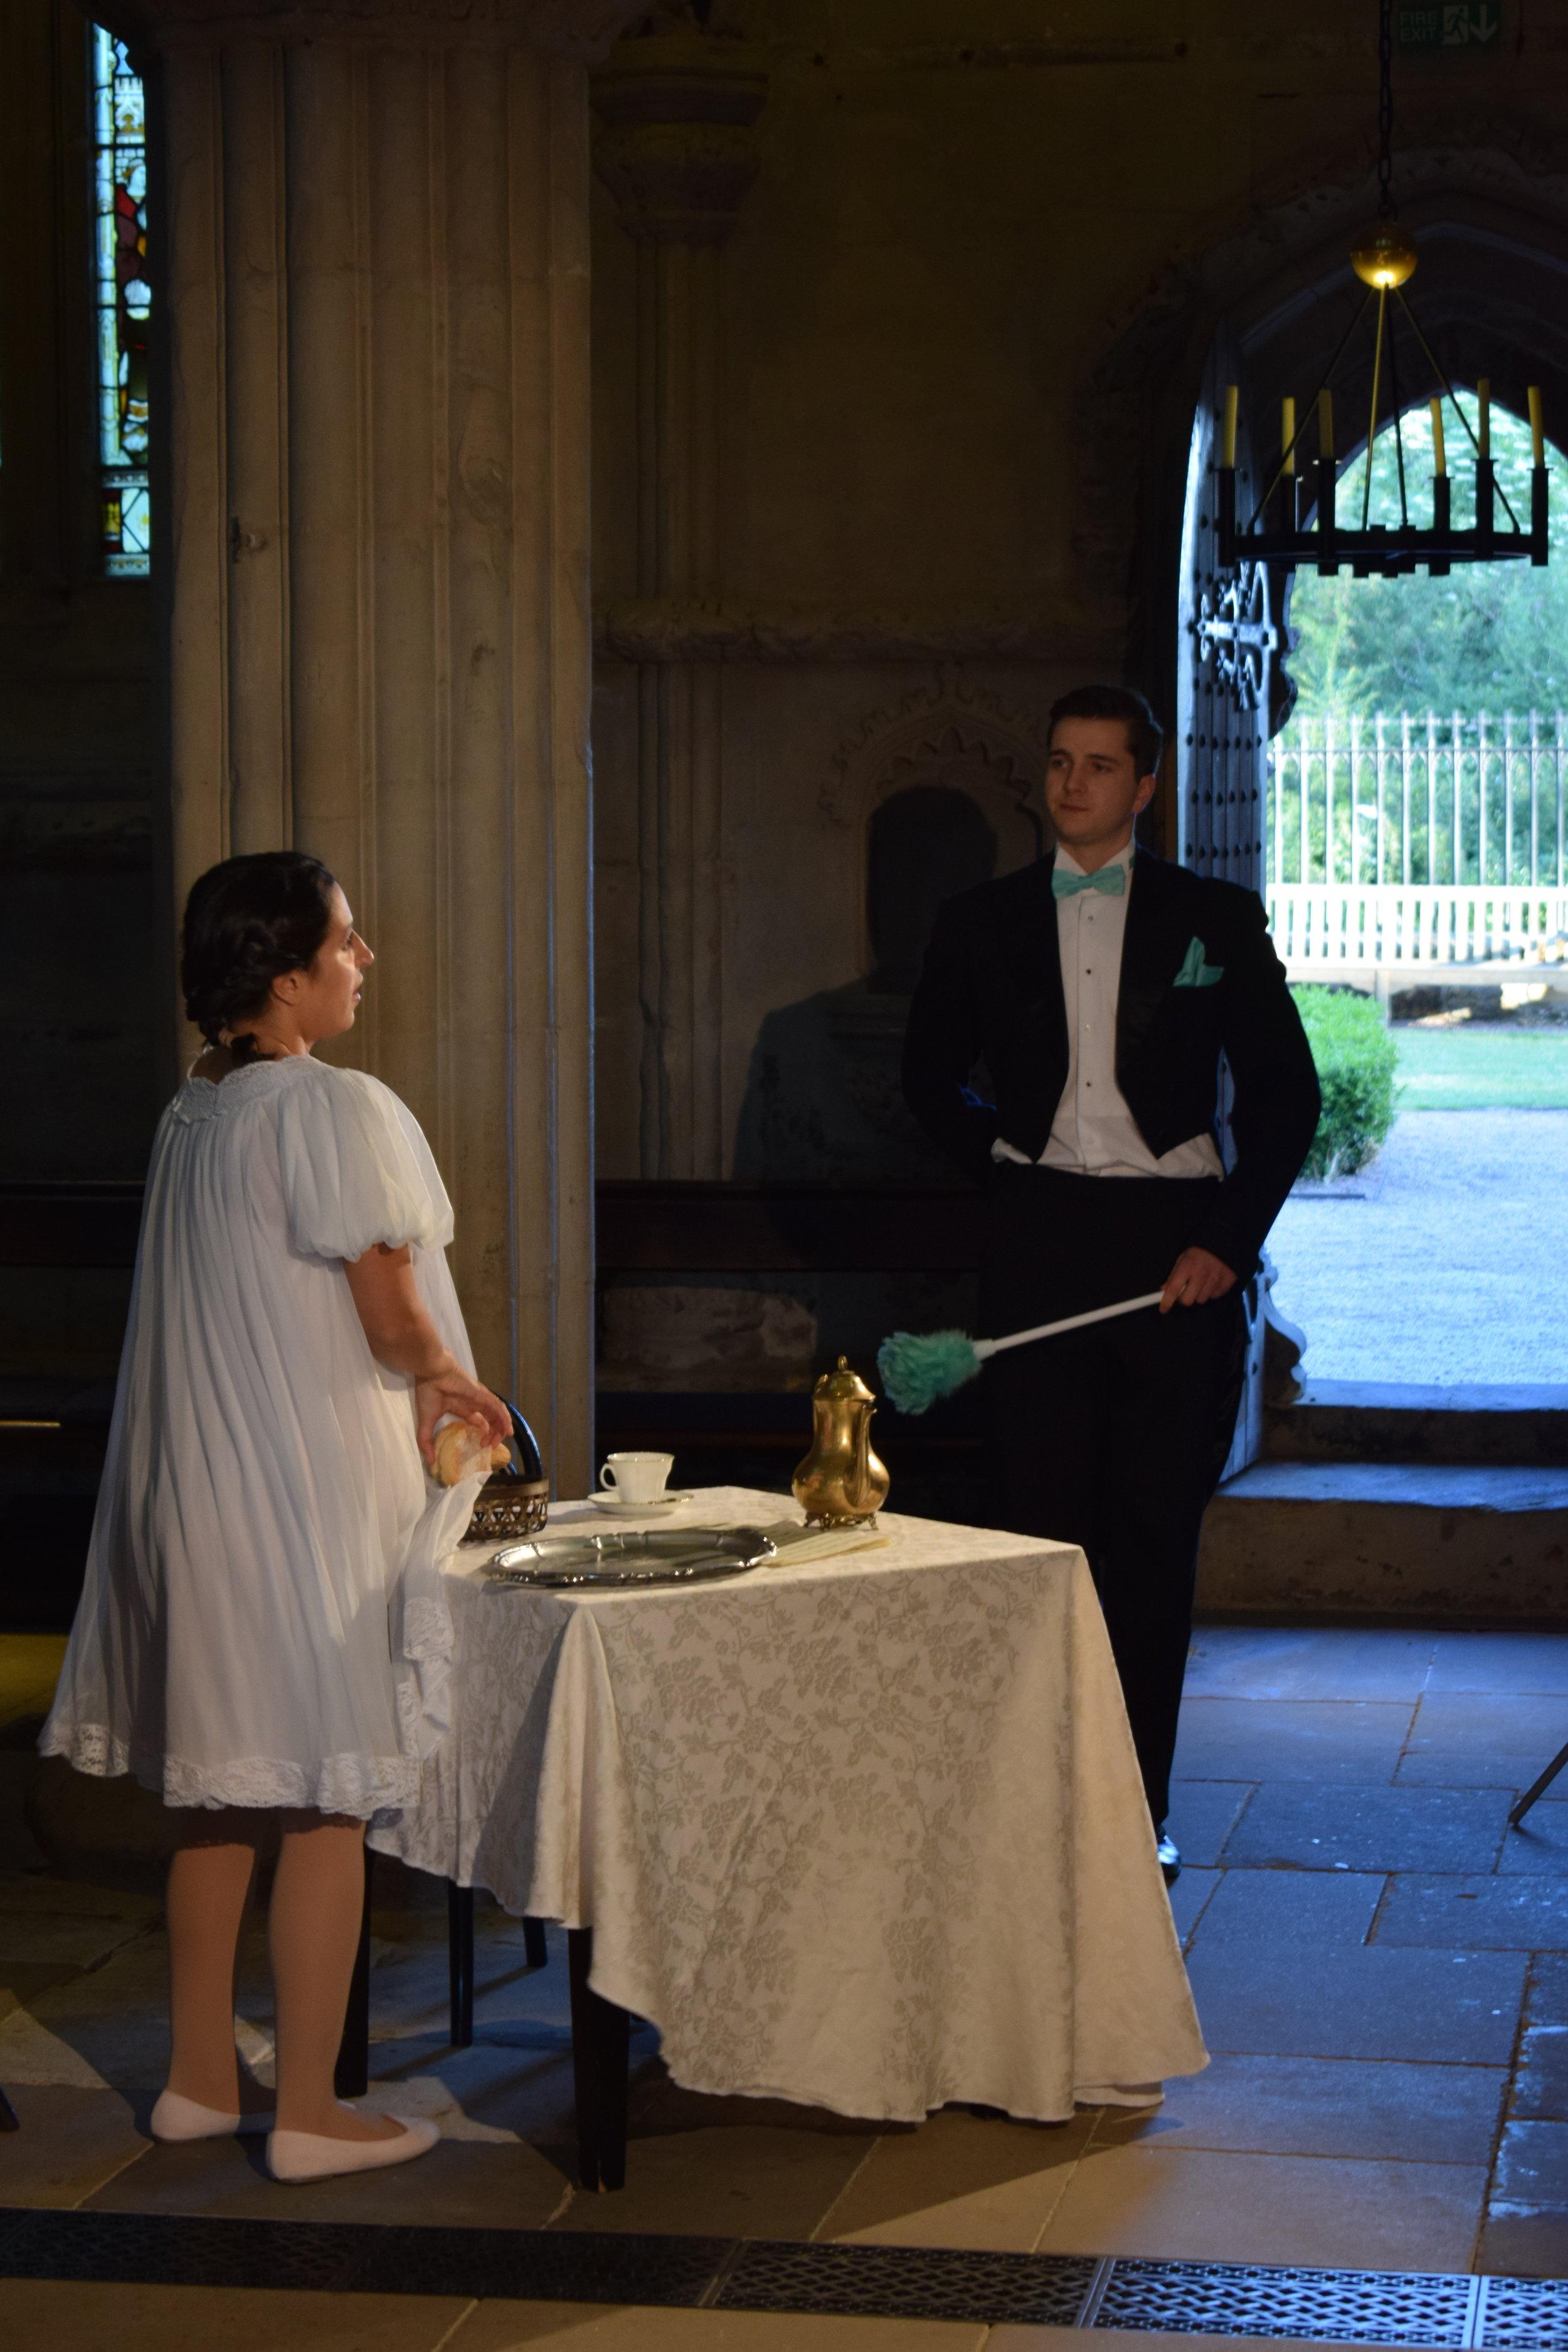 La Scala di Seta , Rosslyn Chapel, 2018. Director: Jeanne Pansard-Besson